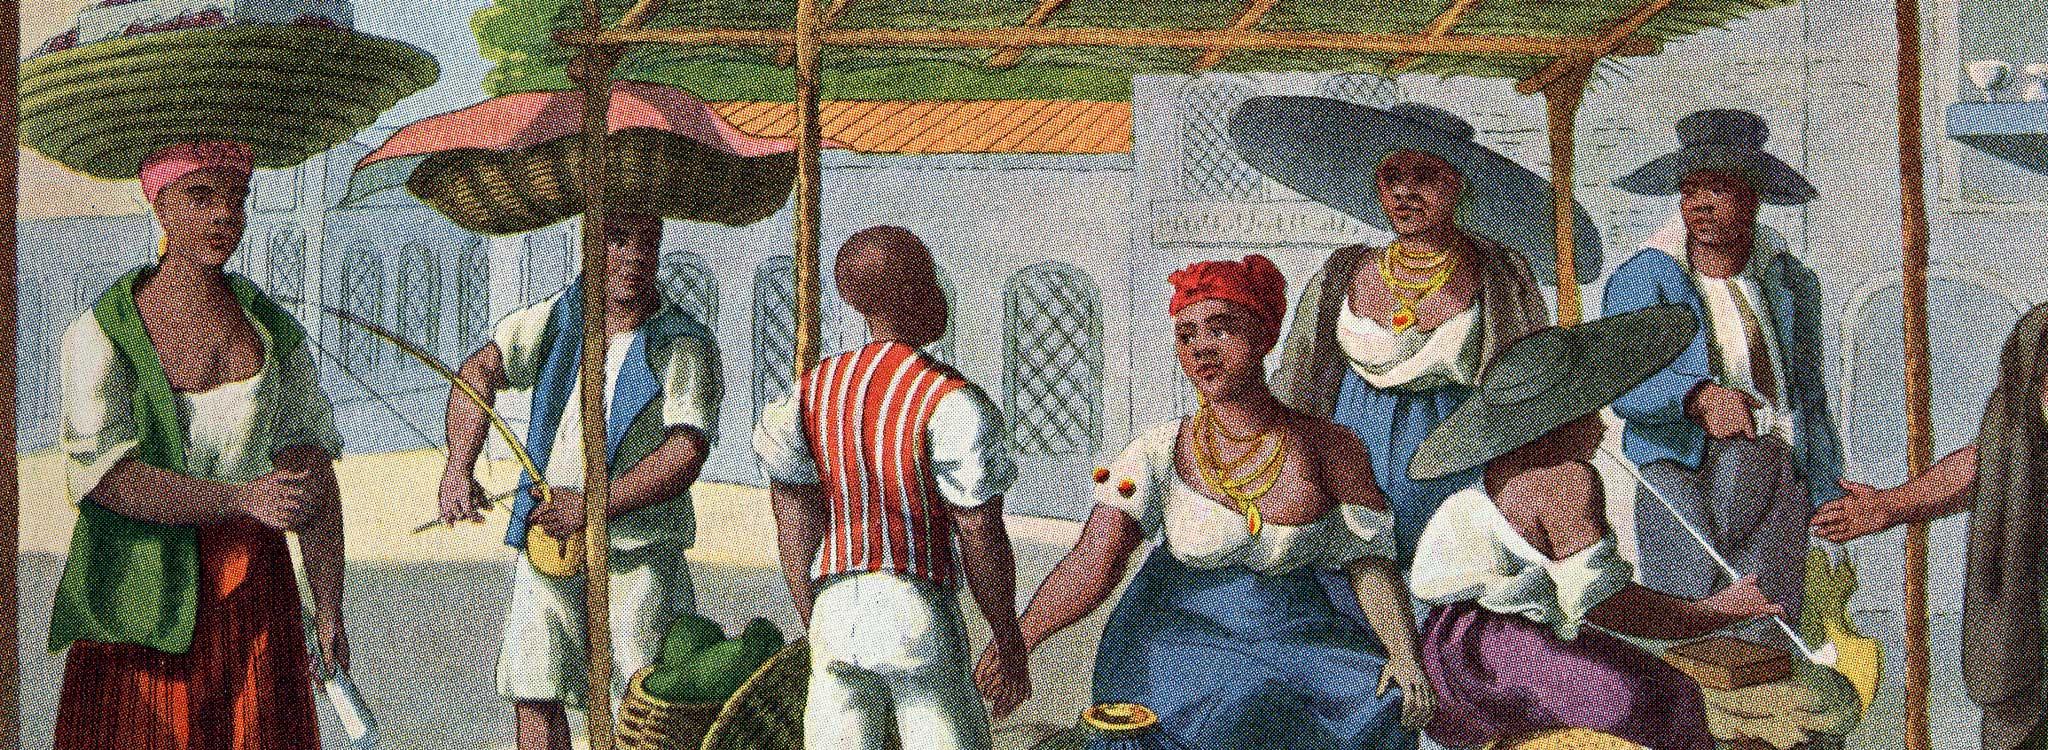 Enslaved Background Image